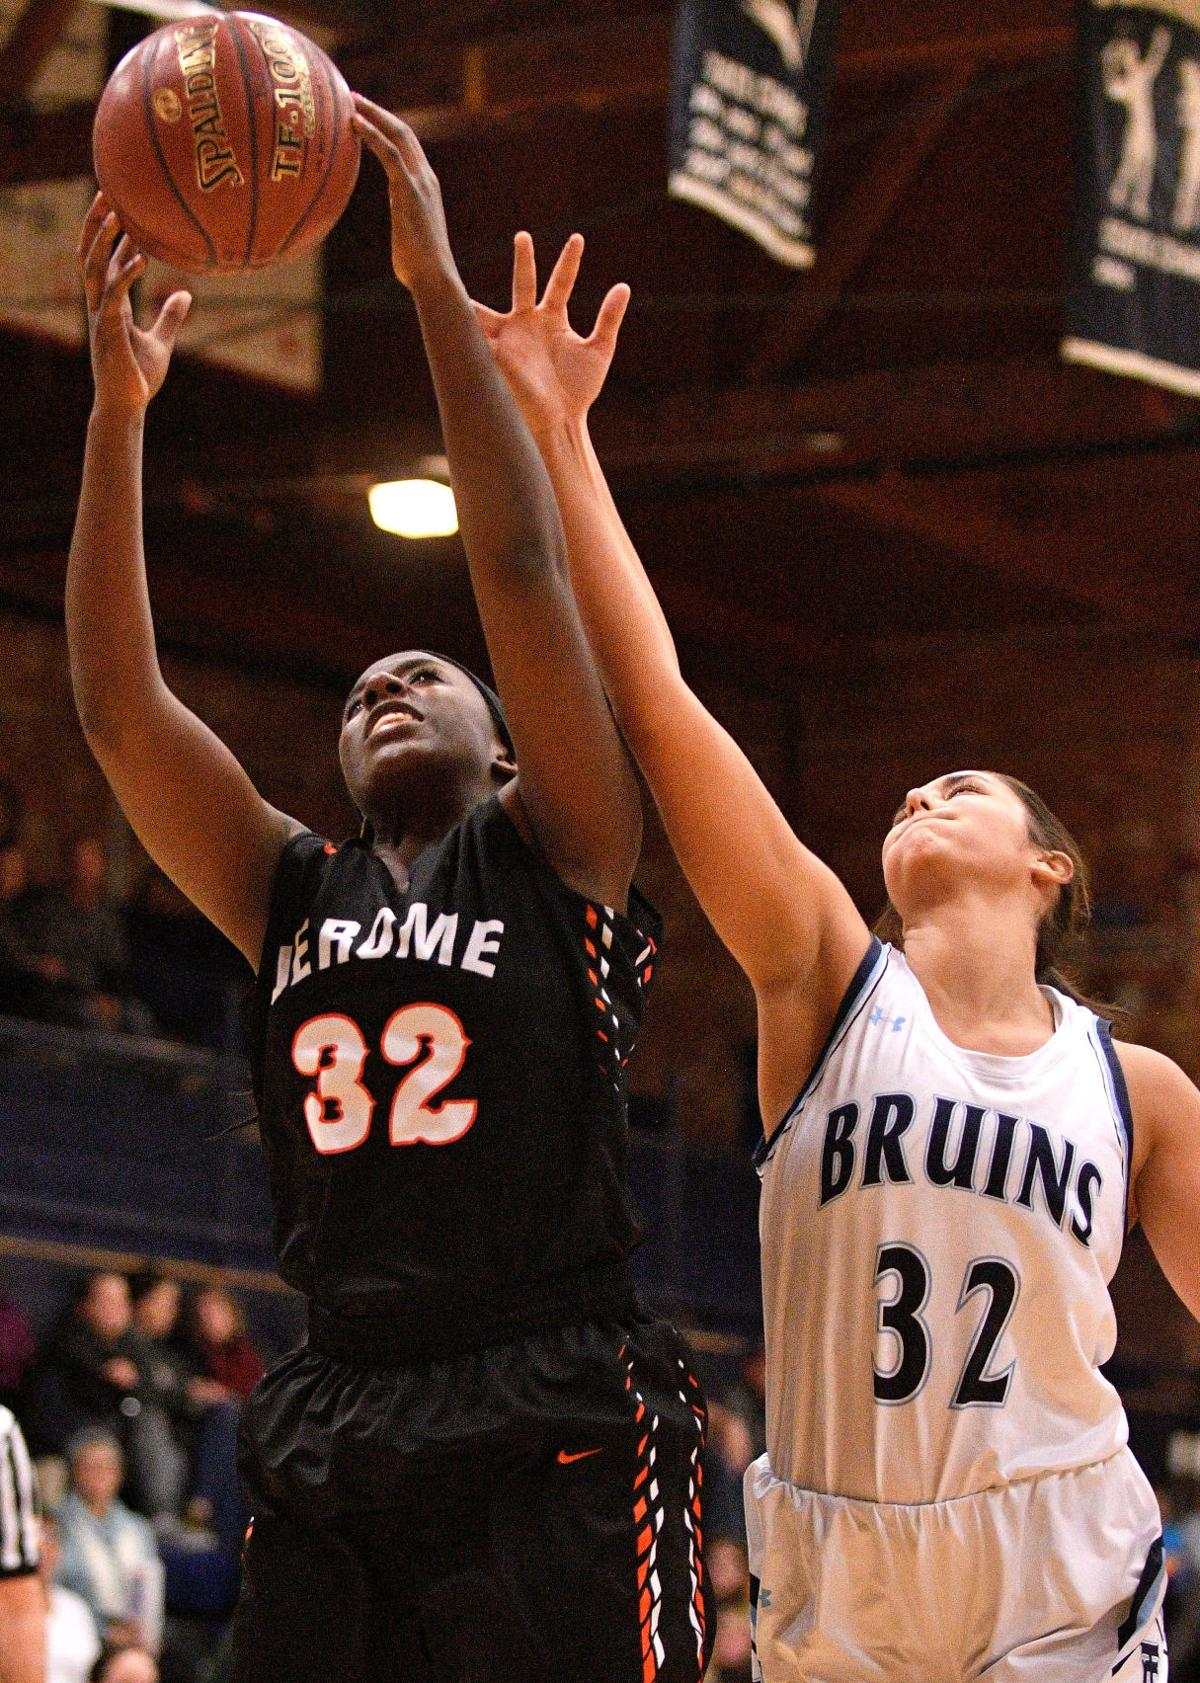 Girls Basketball - Jerome Vs. Twin Falls